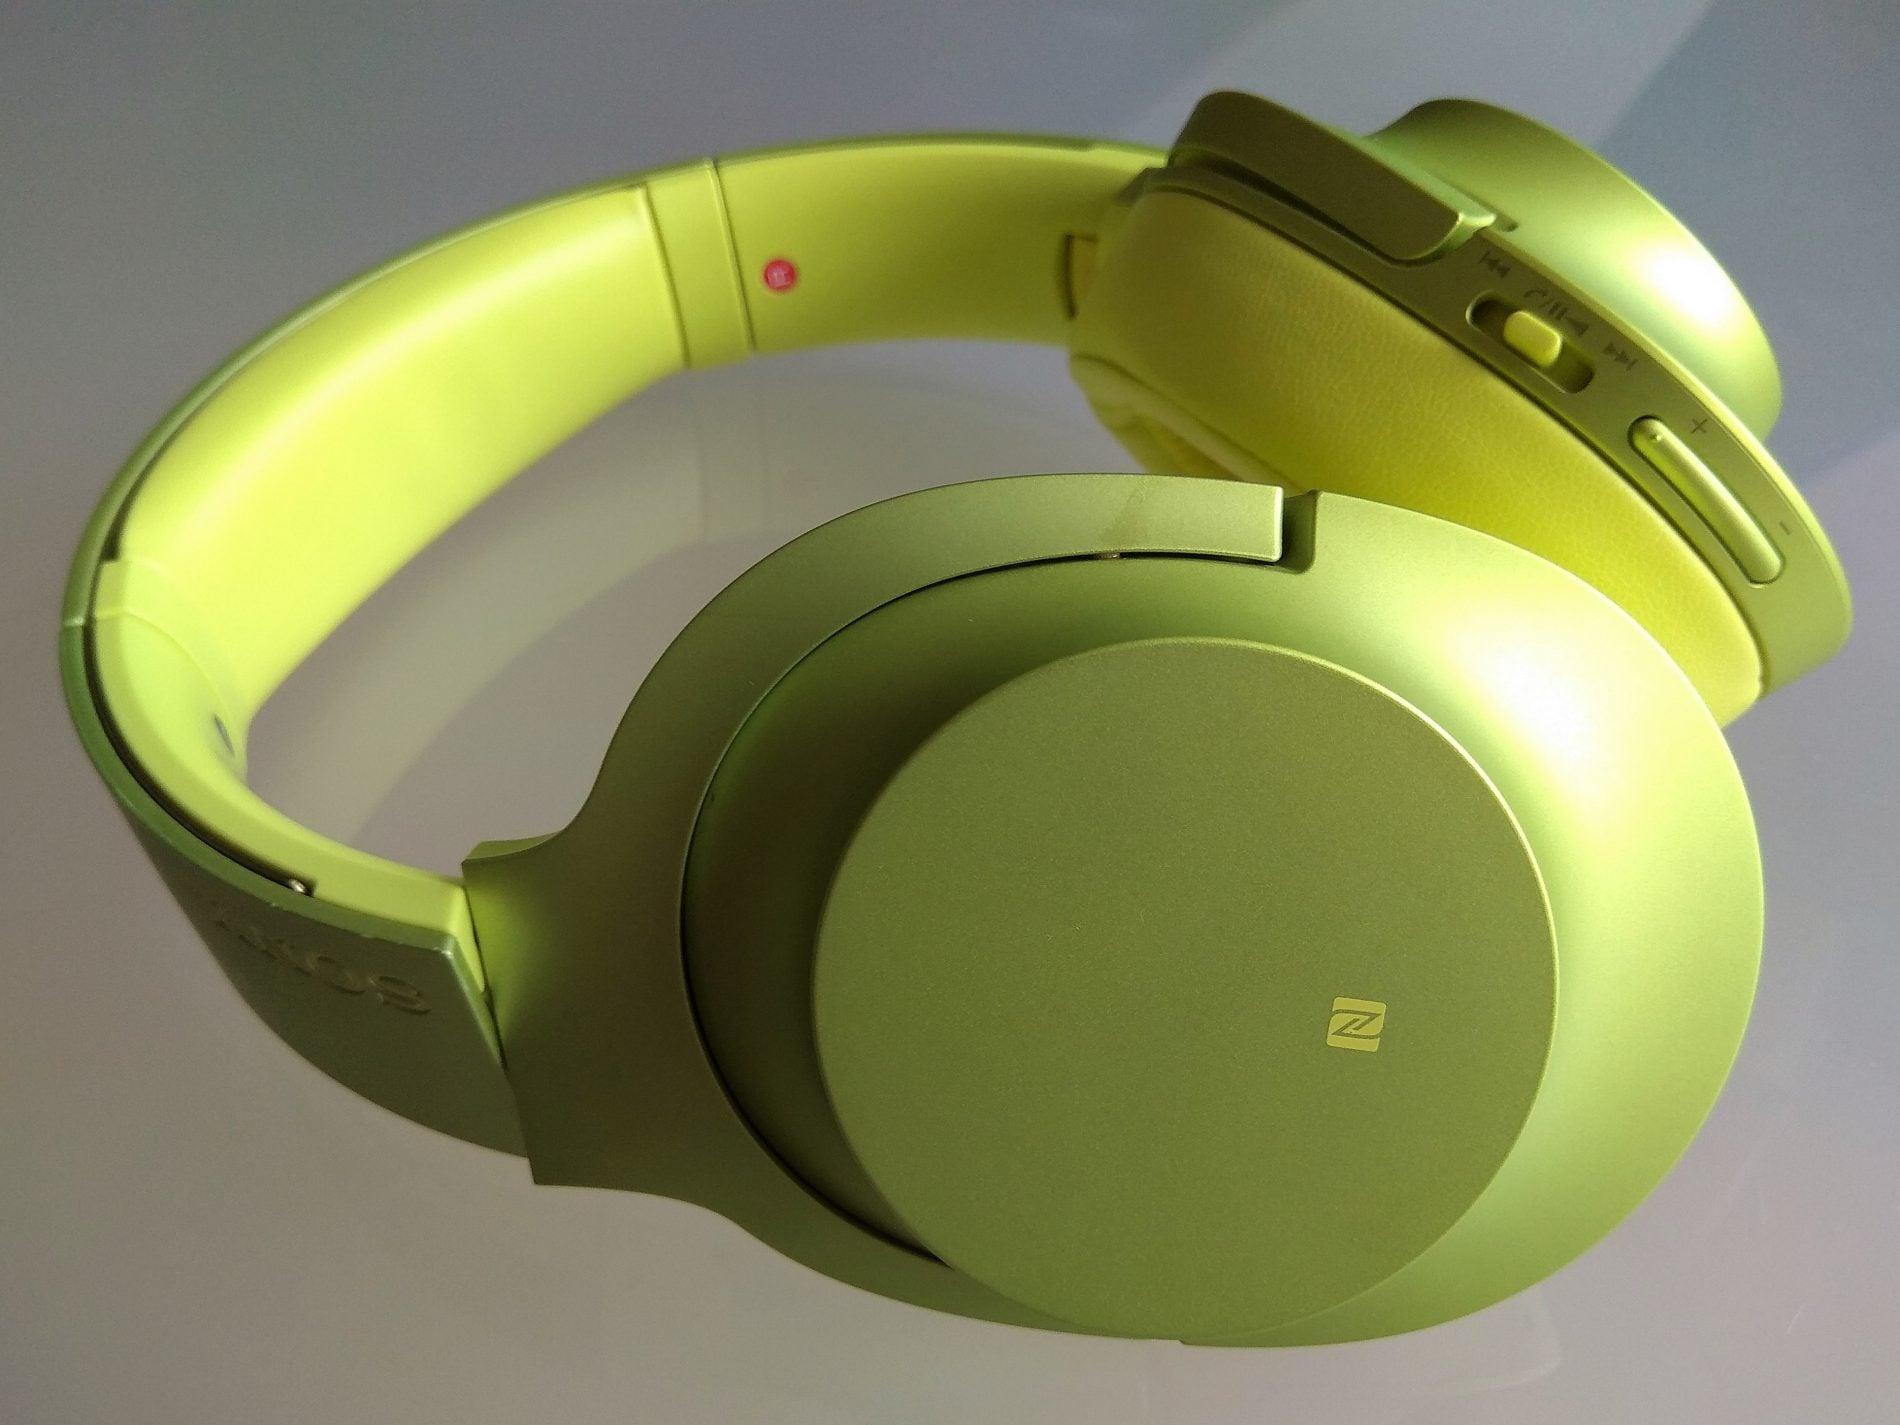 Recenzja słuchawek bezprzewodowych Sony MDR-100ABN. Dobre decyzje brzmią właśnie w ten sposób 18